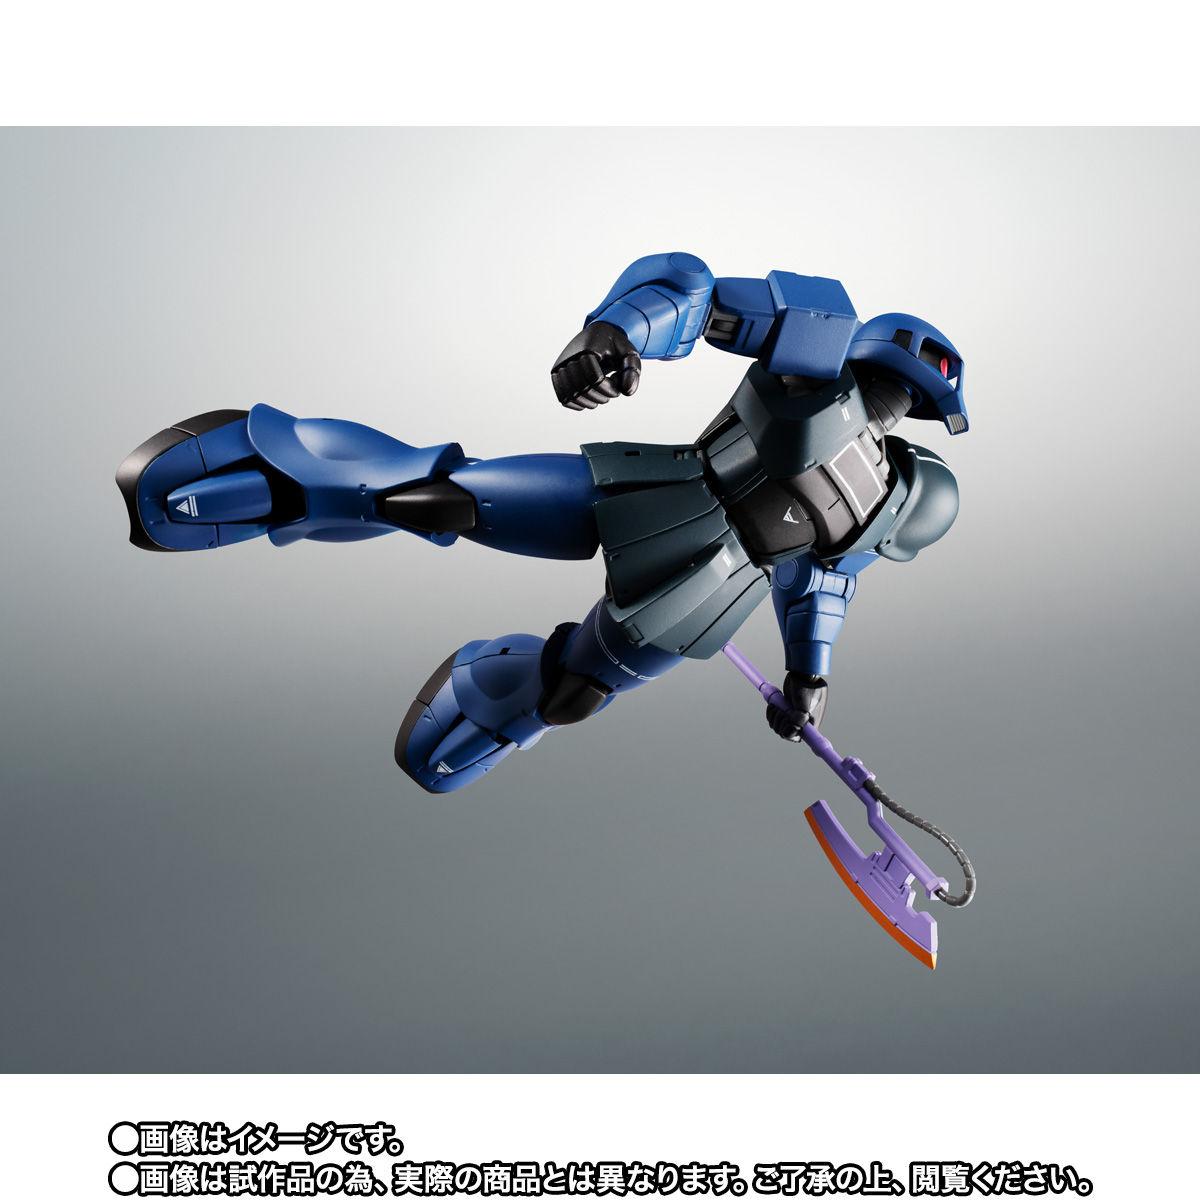 【限定販売】ROBOT魂〈SIDE MS〉『MS-05B 旧ザク ver. A.N.I.M.E. ~黒い三連星~』ガンダム 可動フィギュア-008